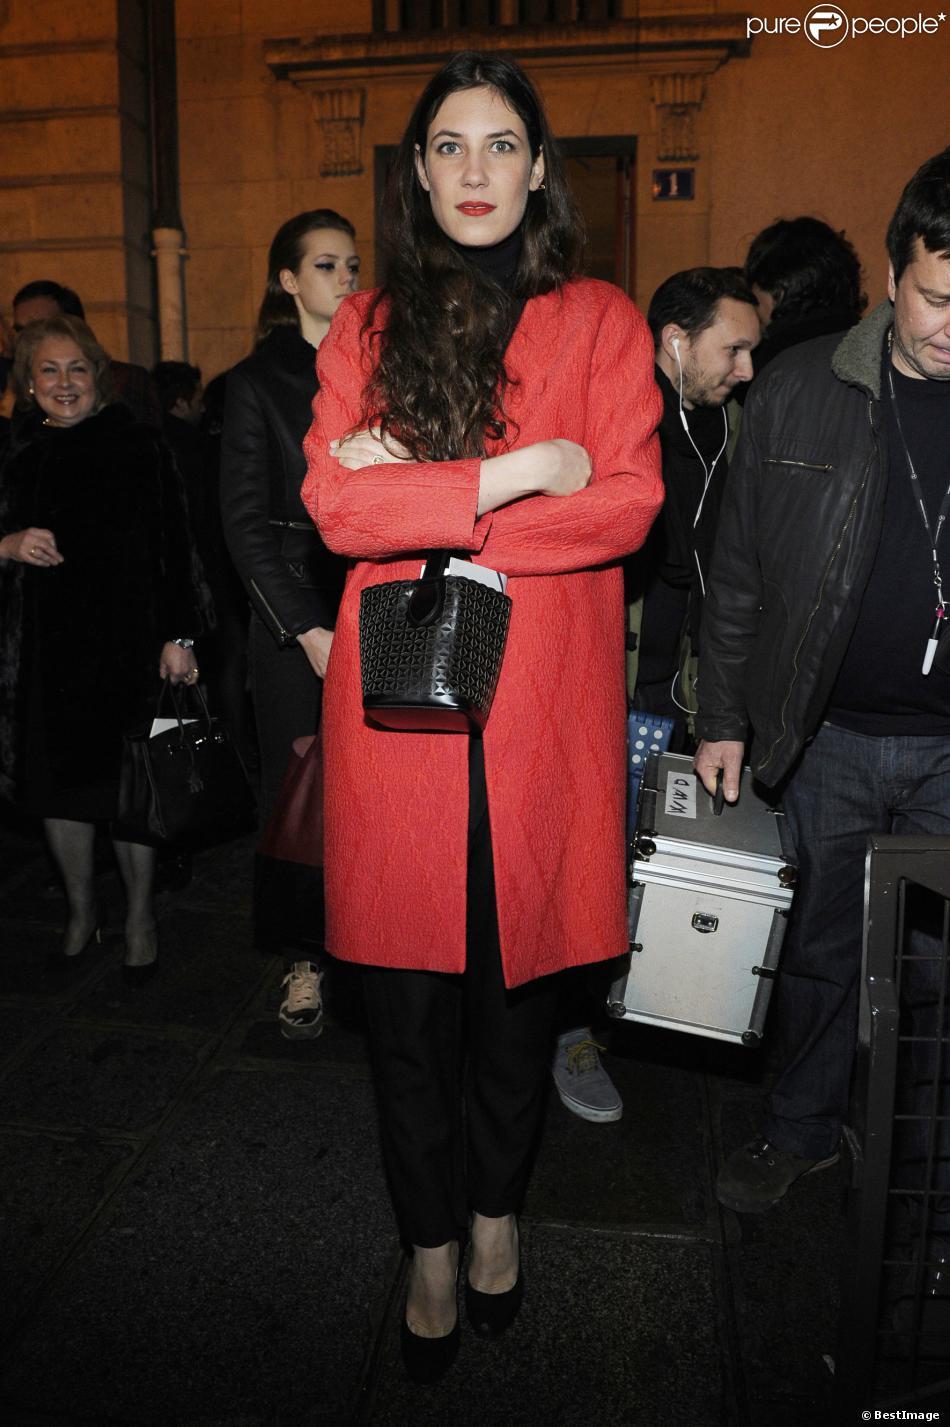 Tatiana Santo Domingo, épouse d'Andrea Casiraghi, au défilé haute couture Giambattista Valli printemps-été 2014 le 20 janvier 2014 lors de la Fashion Week à Paris.